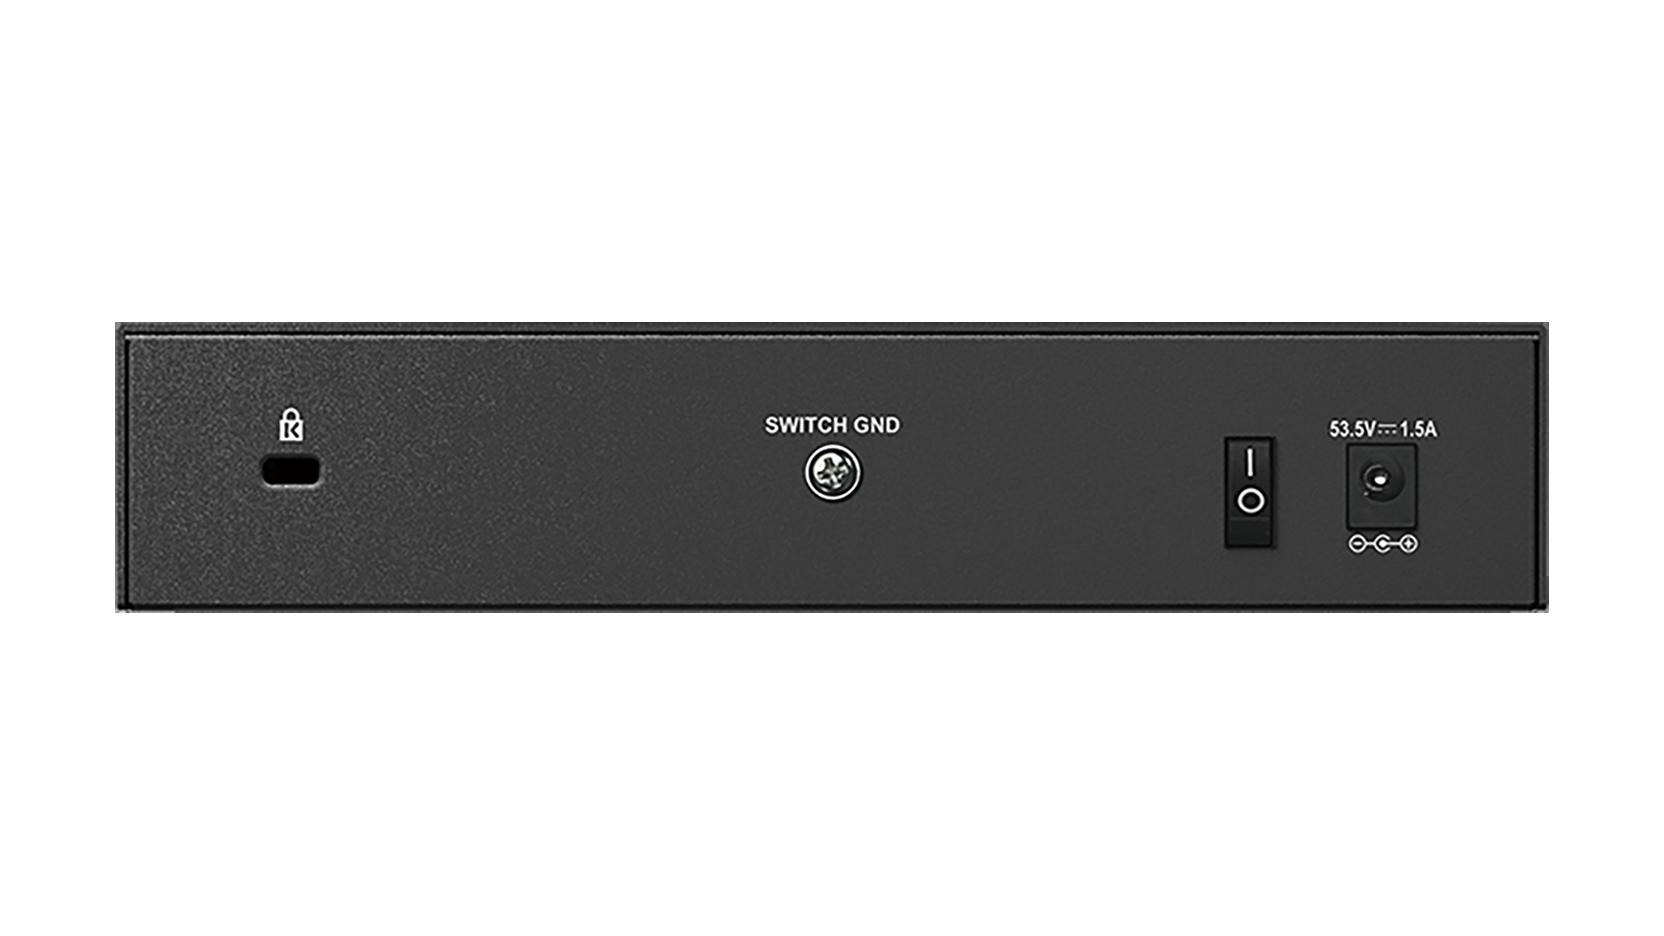 Dgs 1008p 8 Port Gigabit Poe Unmanaged Desktop Switch D